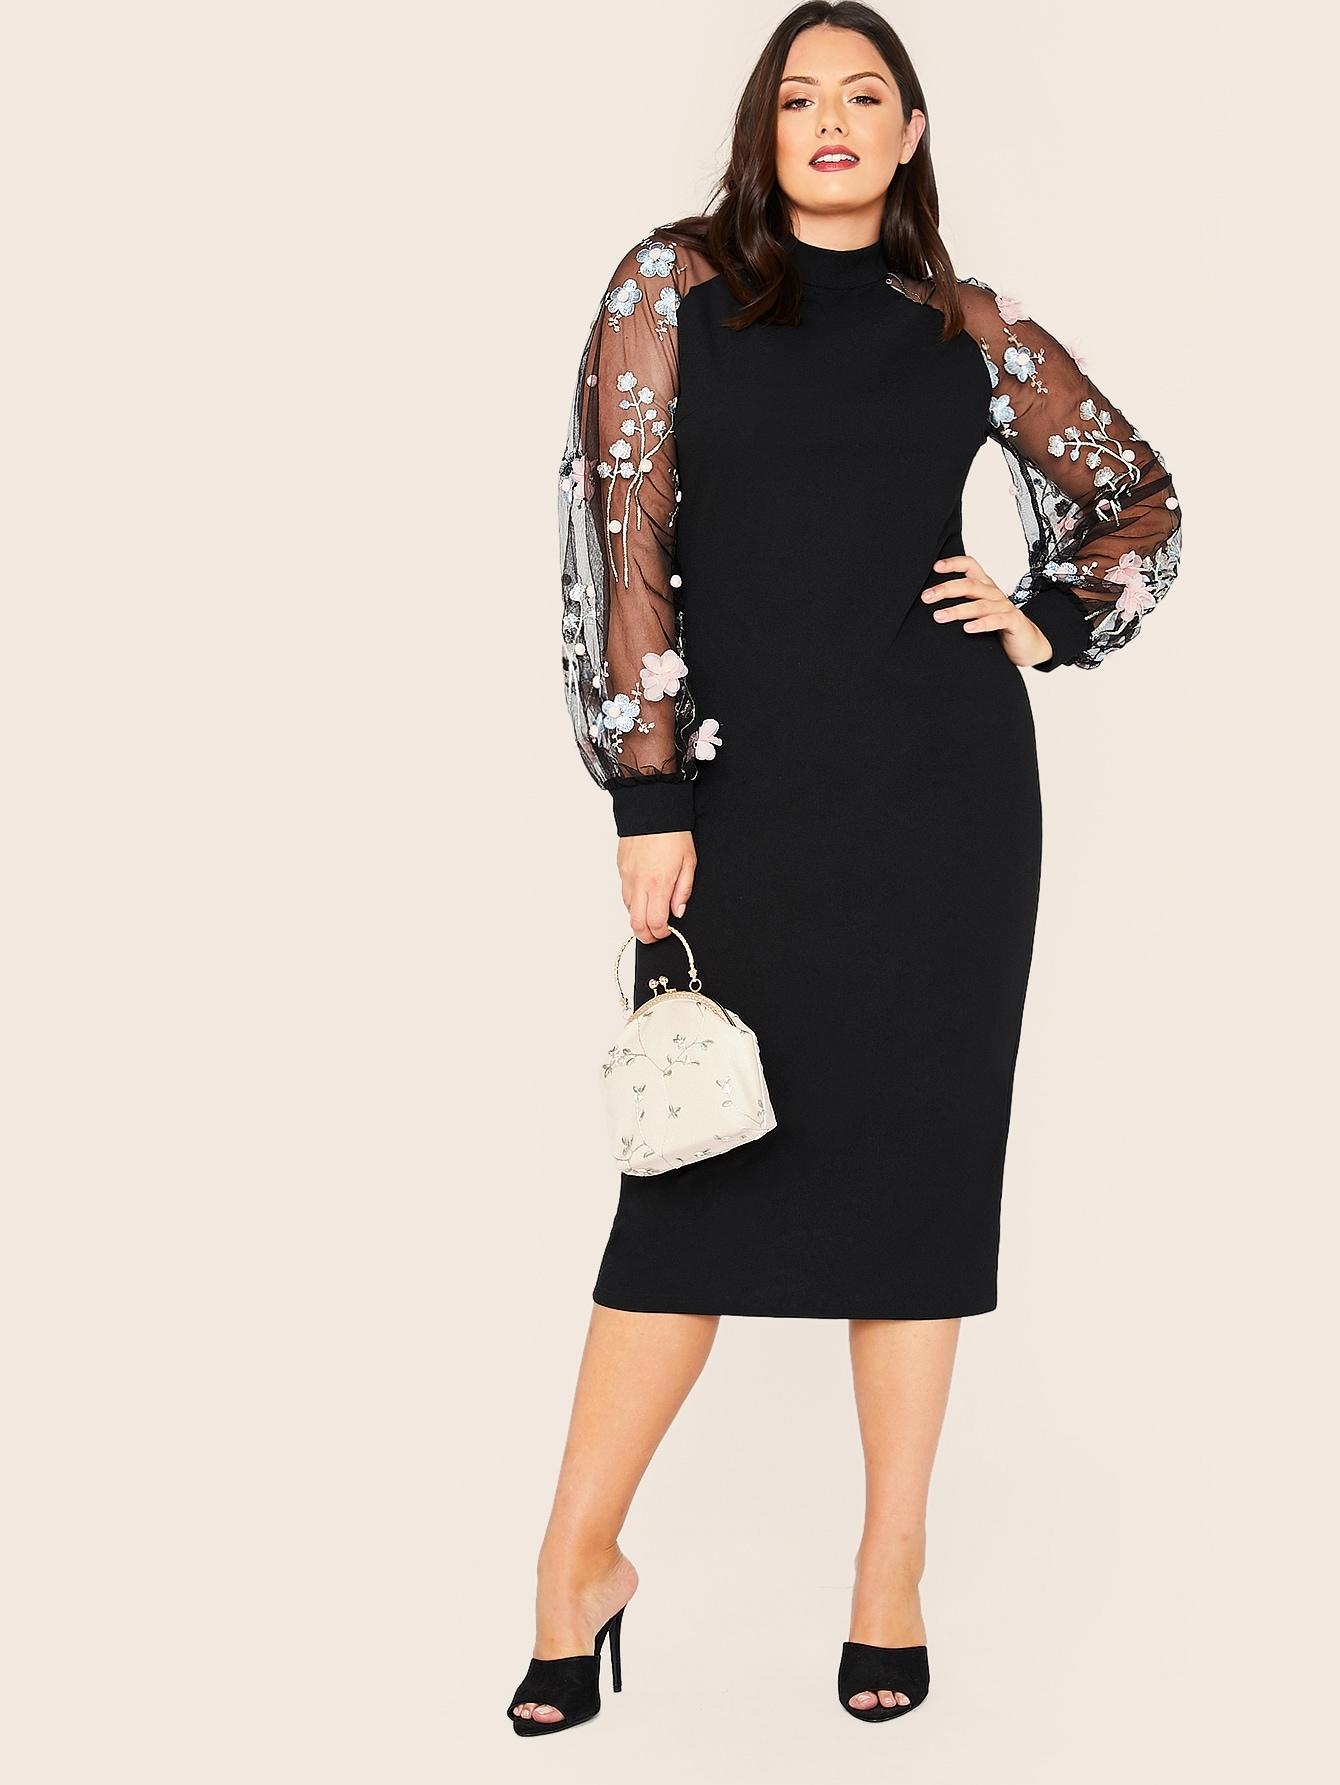 Фото - Платье-карандаш с регланом рукавом и аппликацией размера плюс от SheIn цвет чёрные